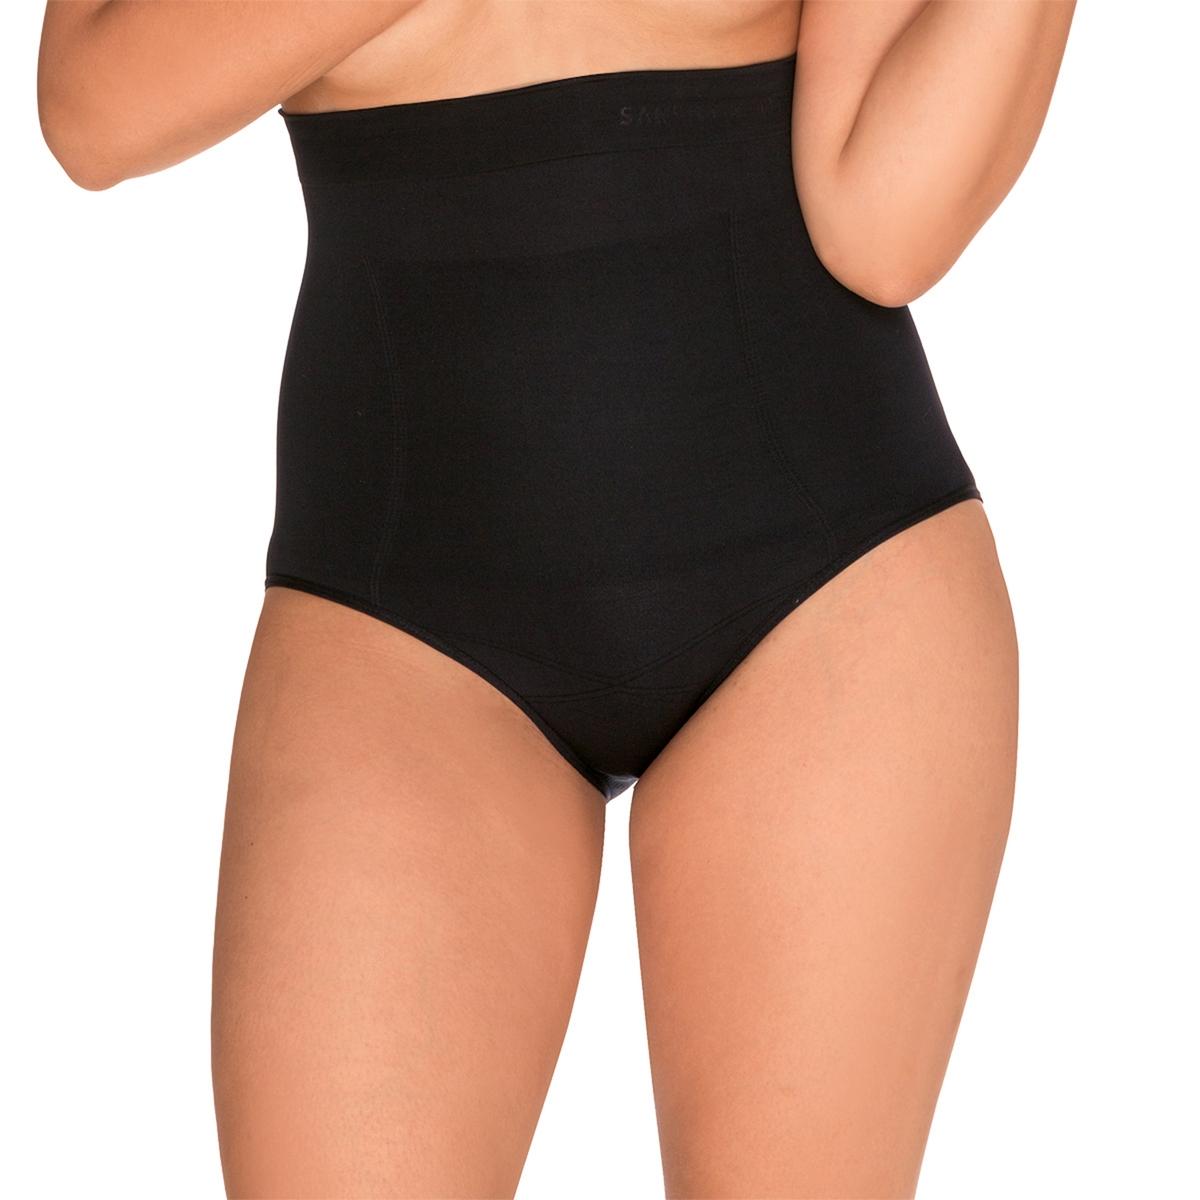 Трусы высокие, моделирующие SlimmerОчень высокий пояс до груди способствует усиленной поддержке брюшного пояса. Двойные силиконовые полоски, предотвращающие скольжение пояса, гарантируют отличную посадку. Плоская трикотажная кайма обеспечивает комфорт и незаметность под одеждой. Состав и описание трусов: Основной материал : 85% полиамида, 15% эластана.Марка : SANS COMPLEXE® Уход :Машинная стирка при 30 °С в мешке для стирки бельяСтирать вместе с одеждой подобных цветовНе гладить<br><br>Цвет: телесный,черный<br>Размер: 42/44 (FR) - 48/50 (RUS).38/40 (FR) - 44/46 (RUS).46/48 (FR) - 52/54 (RUS).50/52 (FR) - 56/58 (RUS)